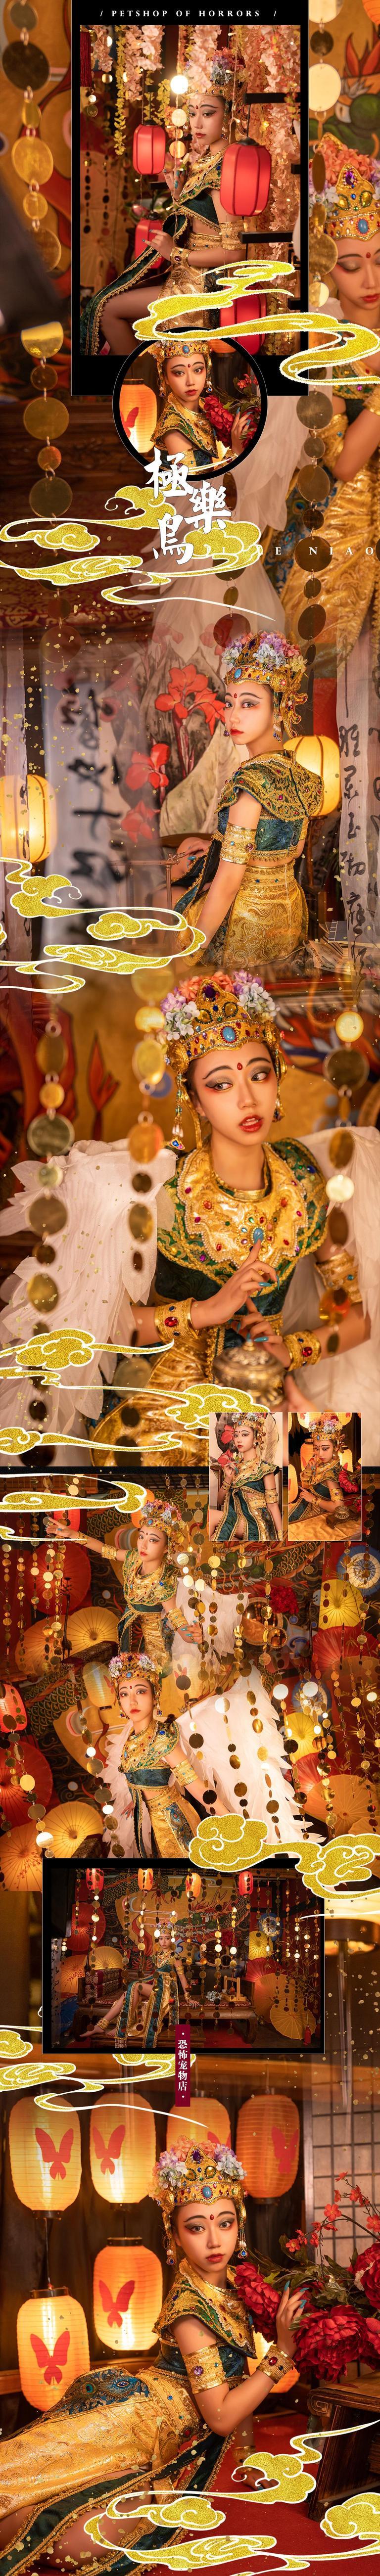 《恐怖宠物店》正片cosplay【CN:樱浅睡不着】 -cosplay婚纱图片插图